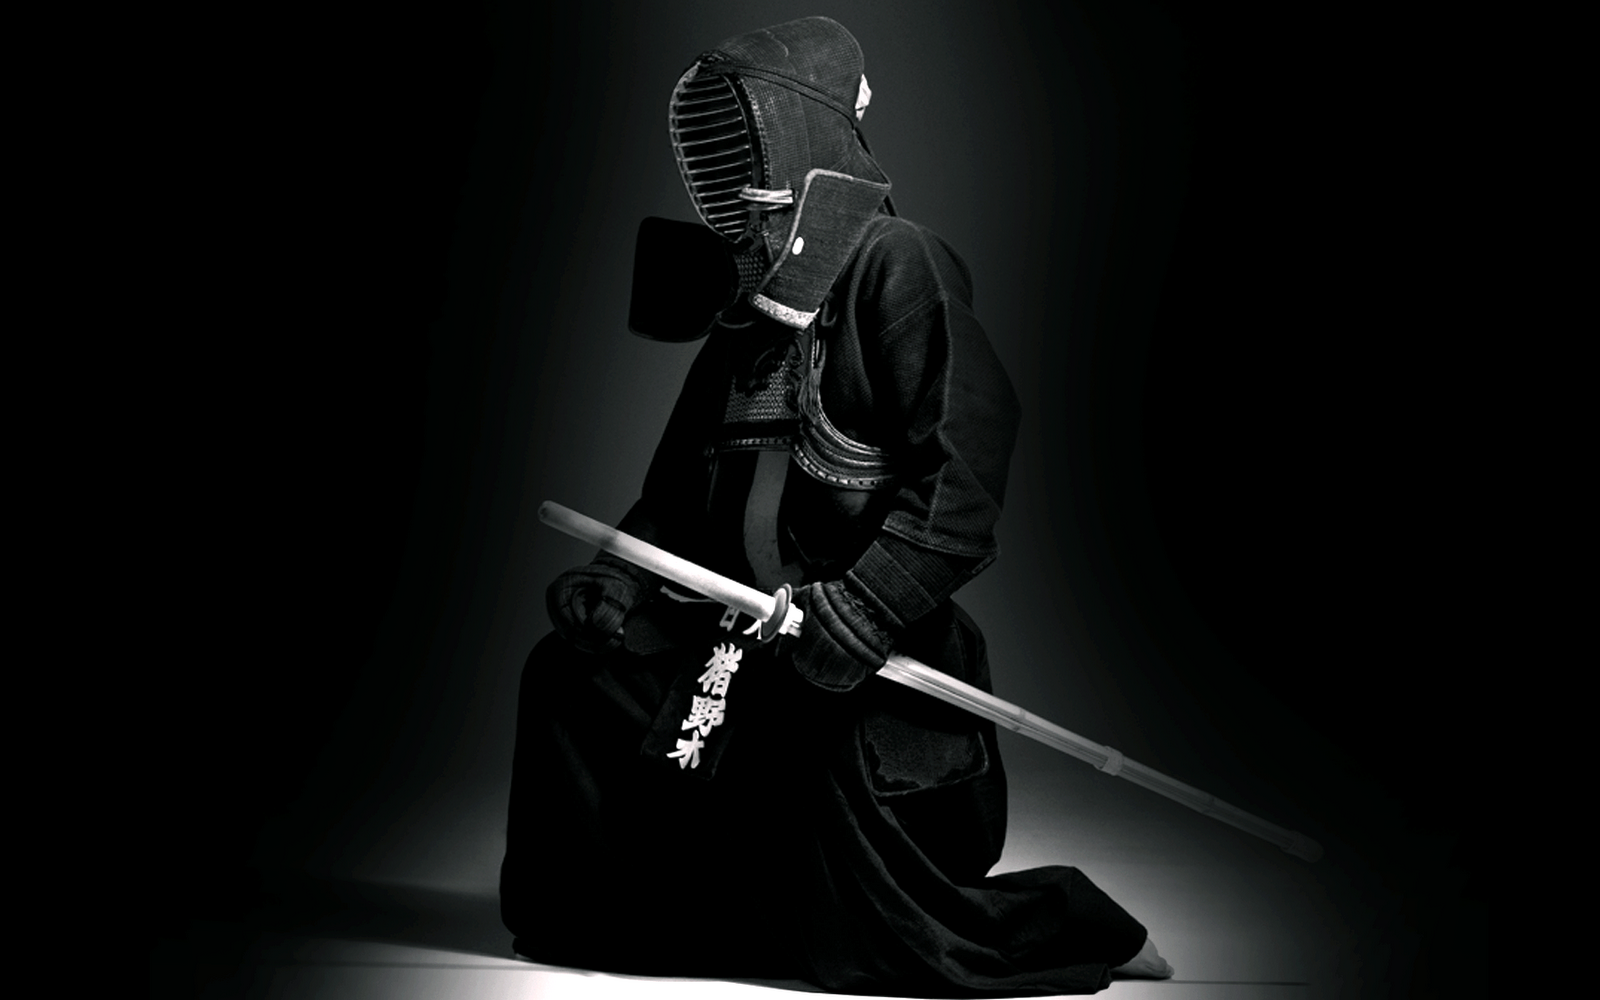 3dcdaa2bdde6f18462c32716b4e15033 Những bộ môn võ thuật hàng đầu Nhật Bản